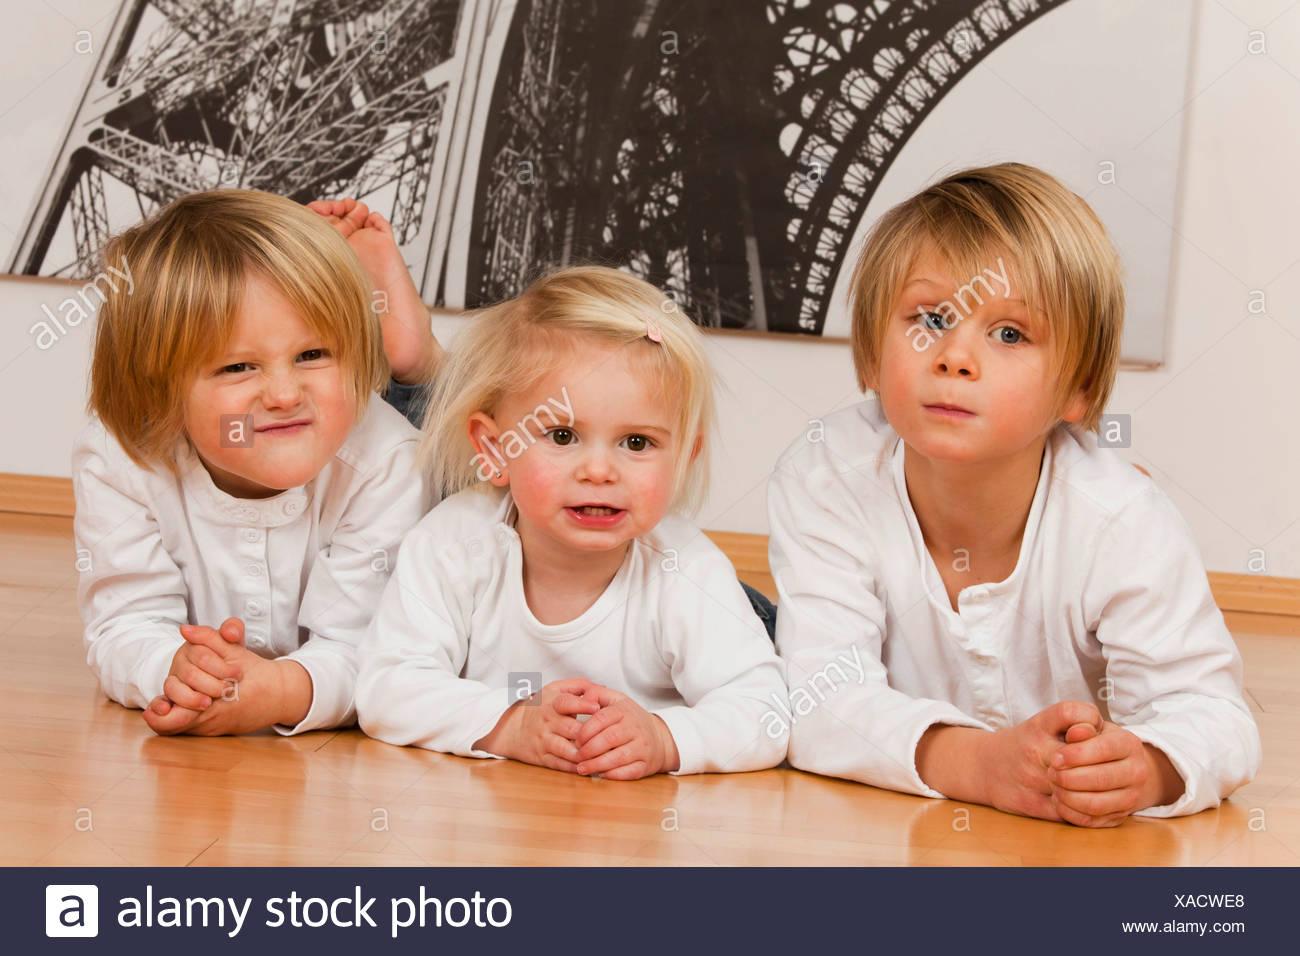 1 Mädchen aus 2 Jungs